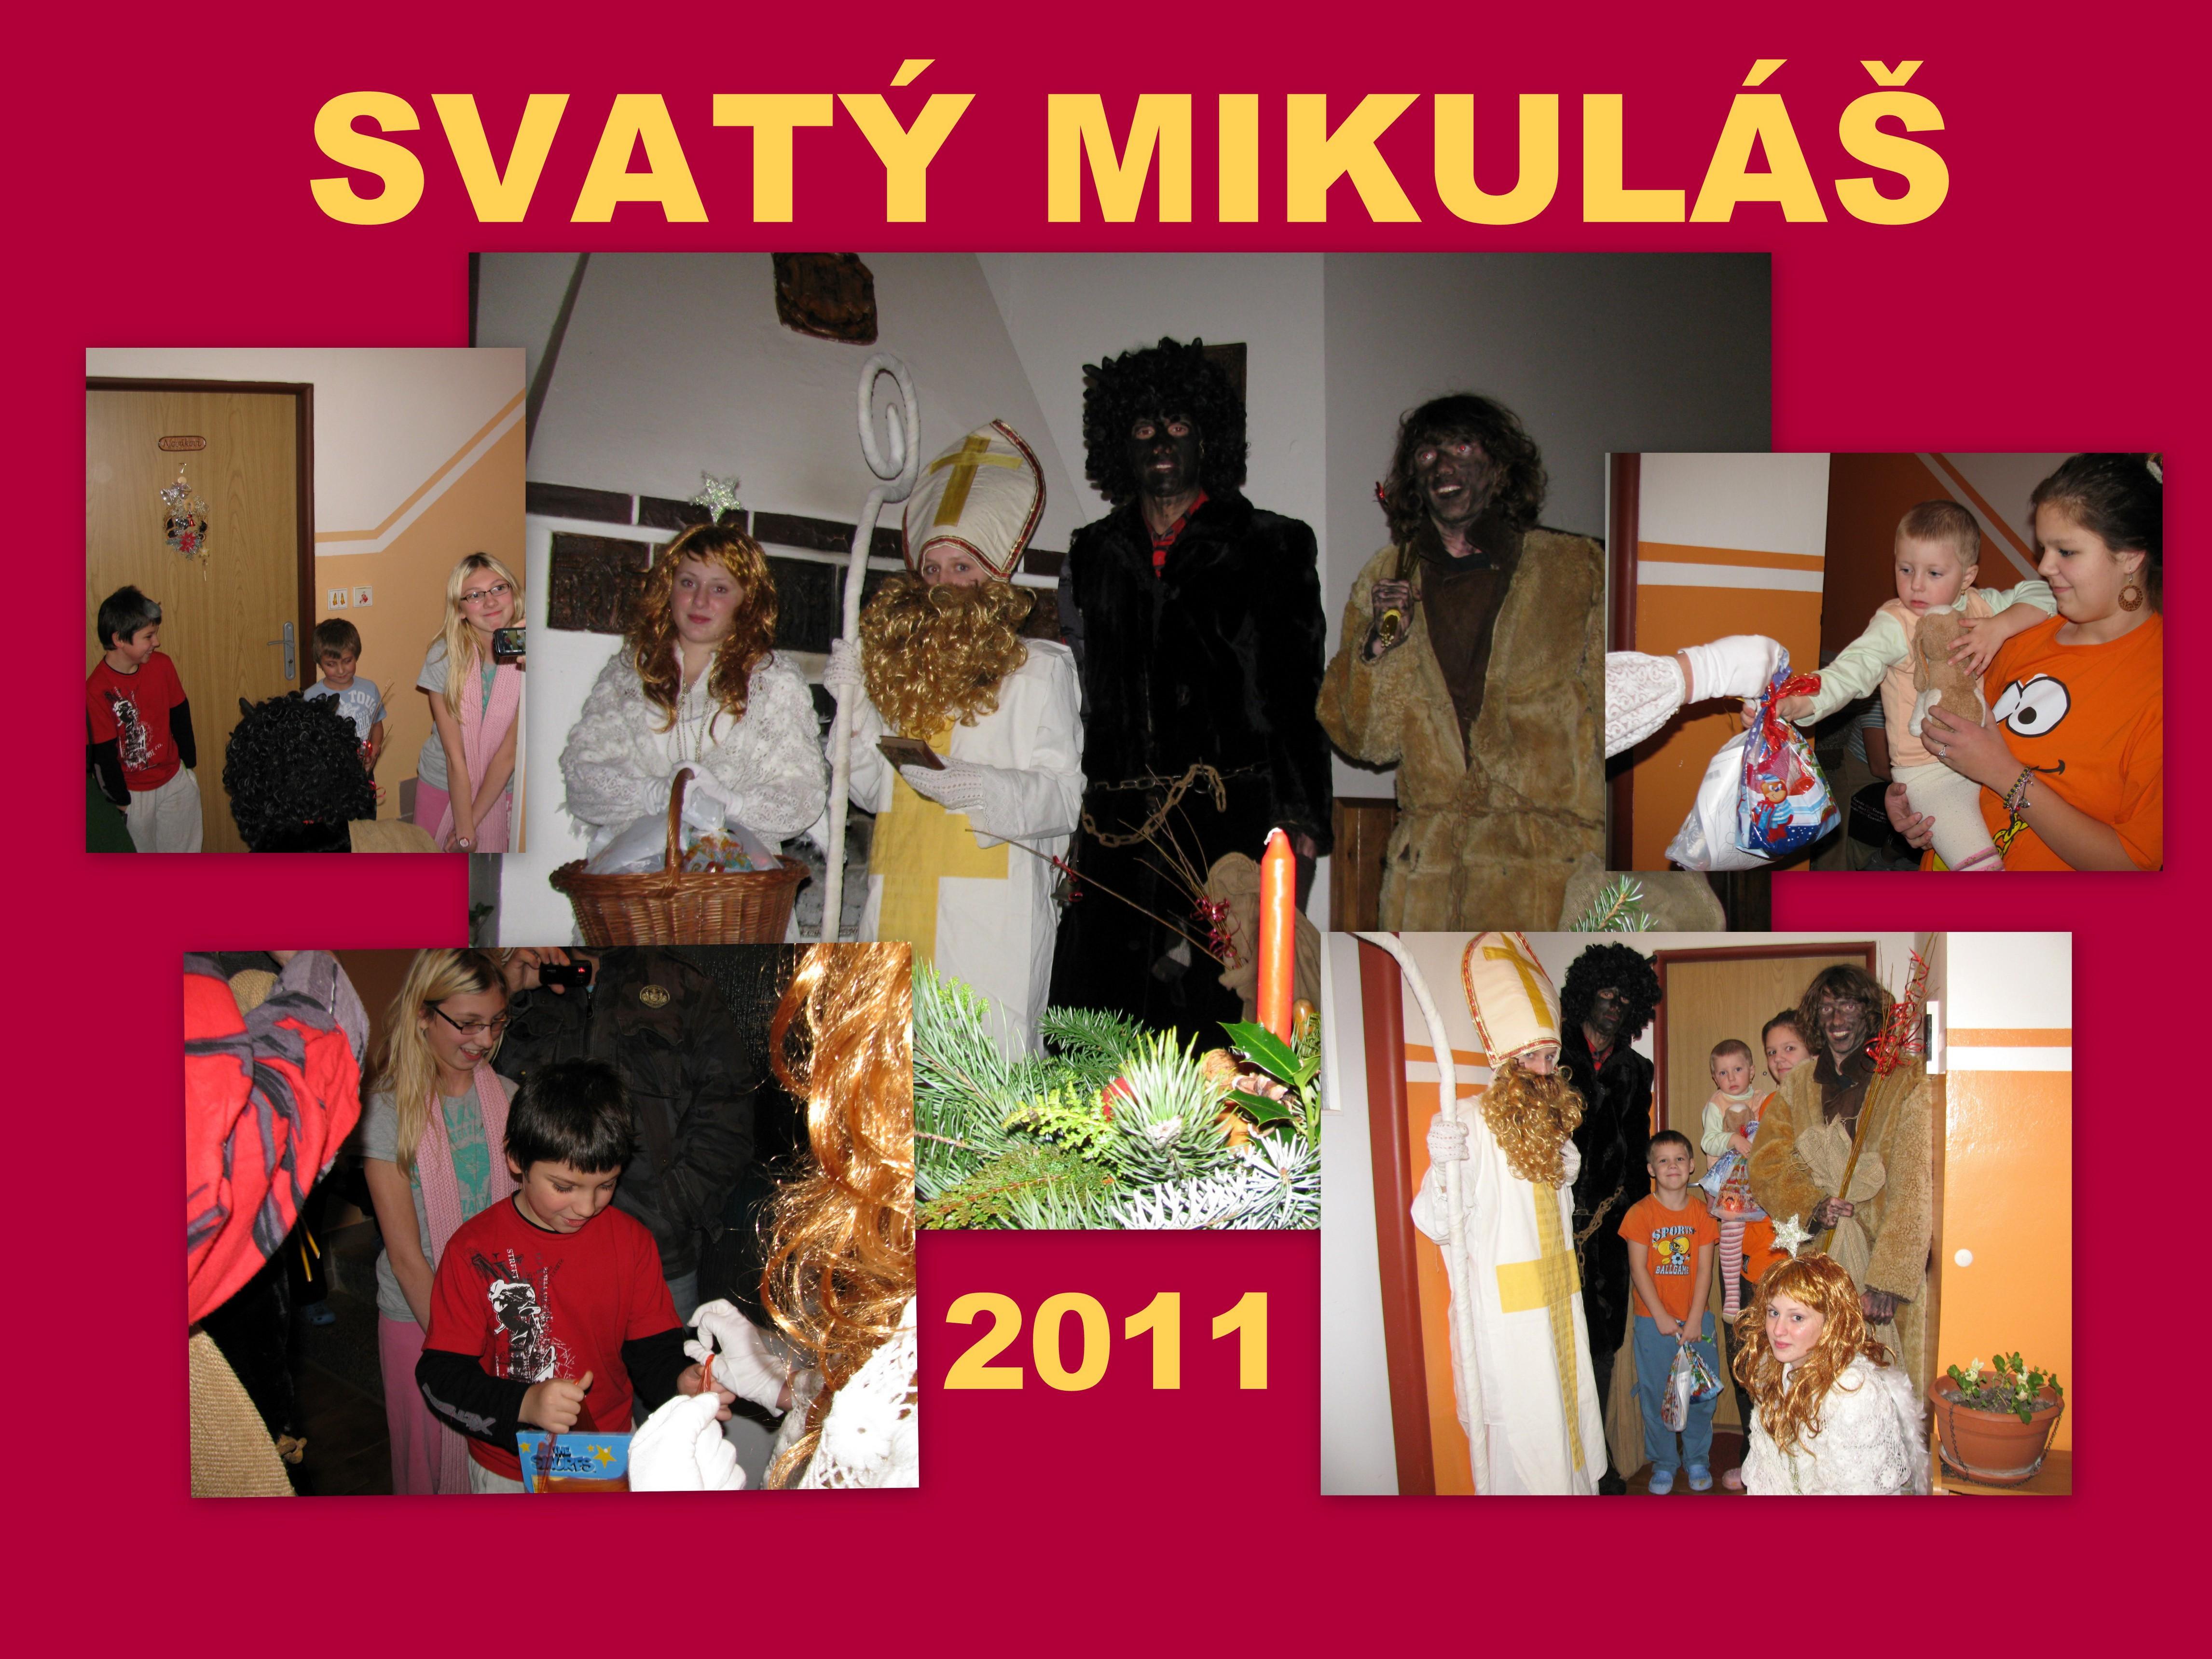 OBRÁZEK : svaty_mikulas_2011_xxx2xxx_kolaz.jpg